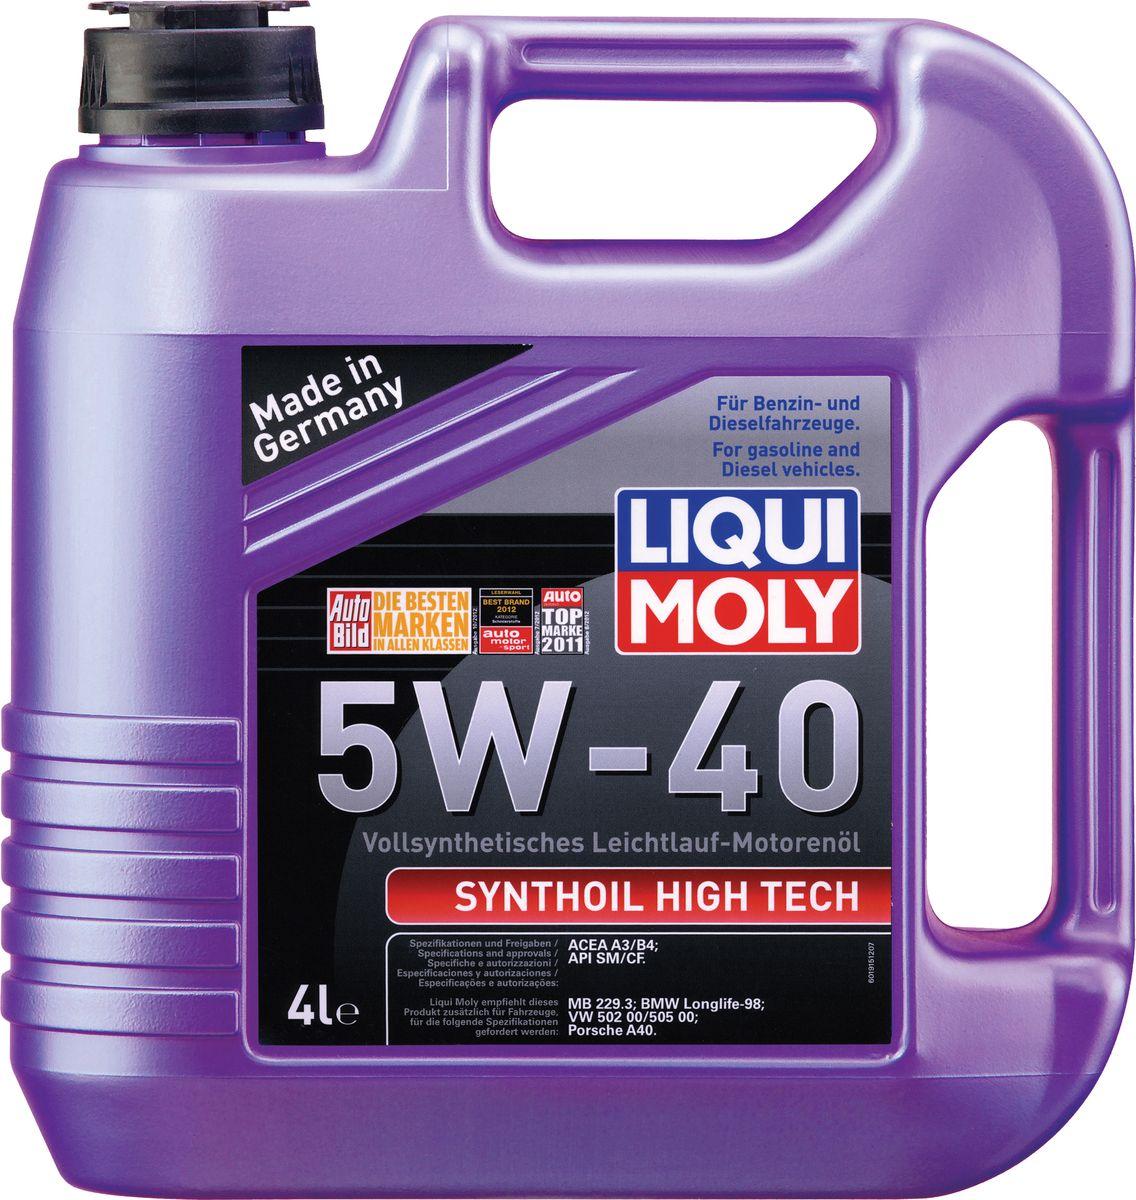 Масло моторное Liqui Moly Synthoil High Tech, синтетическое, 5W-40, 4 л790009Масло моторное Liqui Moly Synthoil High Tech - 100% синтетическое универсальное моторное масло на базе полиальфаолефинов (ПАО) для большинства автомобилей, для которых требования к маслам опираются на международные классификации API и ACEA. За счет оптимальной вязкости масло надежно защищает форсированные многоклапанные двигатели. Использование современных, полностью синтетических базовых масел (ПАО) и передовых технологий в области разработок присадок гарантирует низкую вязкость масла при низких температурах, высокую надежность масляной пленки. Моторные масла линейки Synthoil предотвращают образование отложений в двигателе, снижают трение и надежно защищают от износа. Особенности: - Быстрое поступление масла ко всем деталям двигателя при низких температурах- Высокая смазывающая способность- Замечательная термоокислительная стабильность и устойчивость к старению- Оптимальная чистота двигателя- Протестировано и совместимо с катализаторами и турбонаддувом- Высокая стабильность при высоких температурах- Очень низкий расход маслаДопуск: -API: CF/SM-ACEA: A3/B4